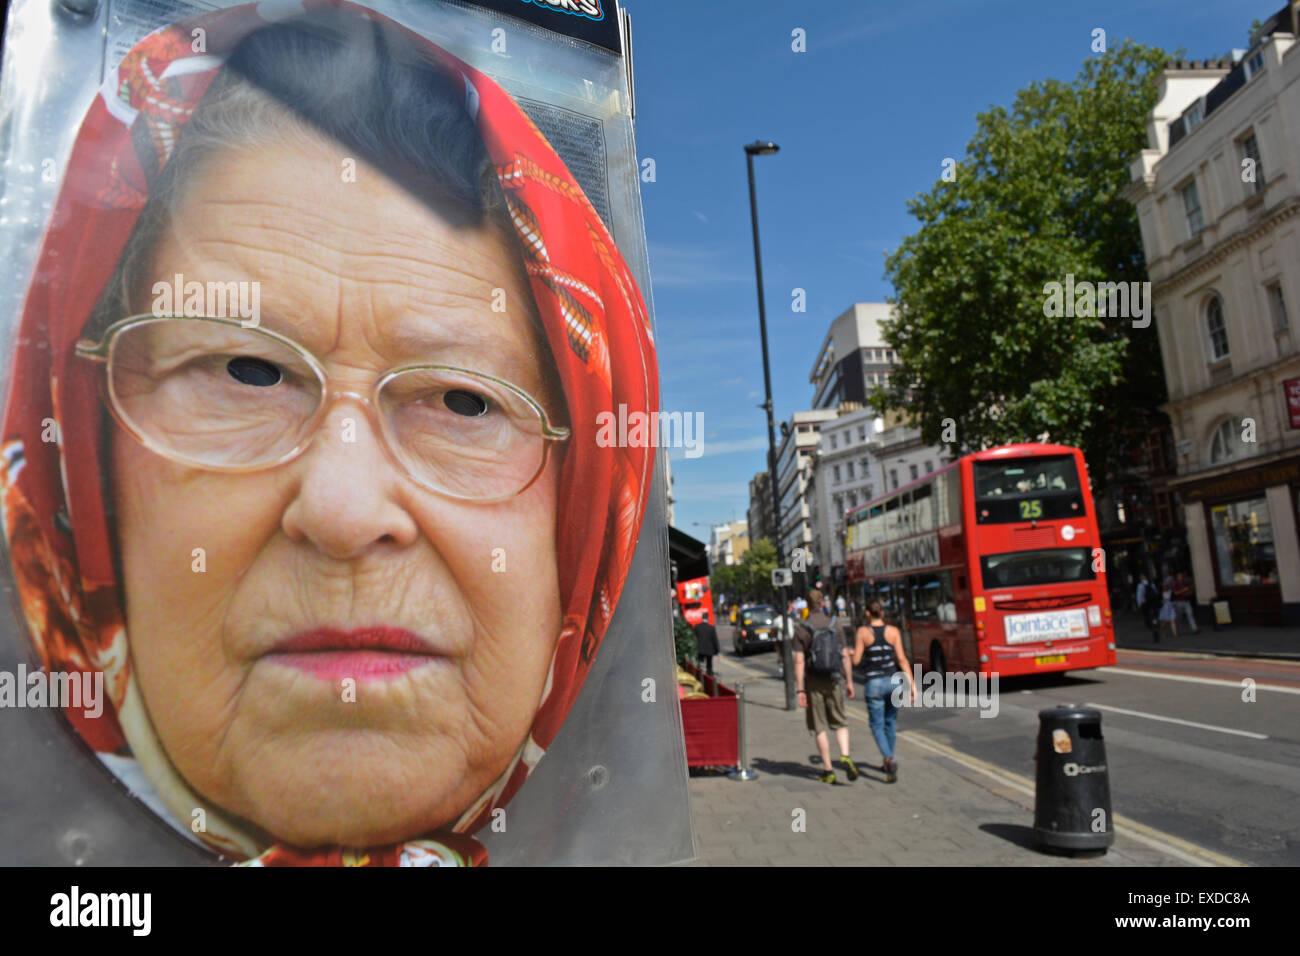 Eine Königin Elizabeth 11 Gesichtsmaske - Man ist nicht amüsiert Stockbild